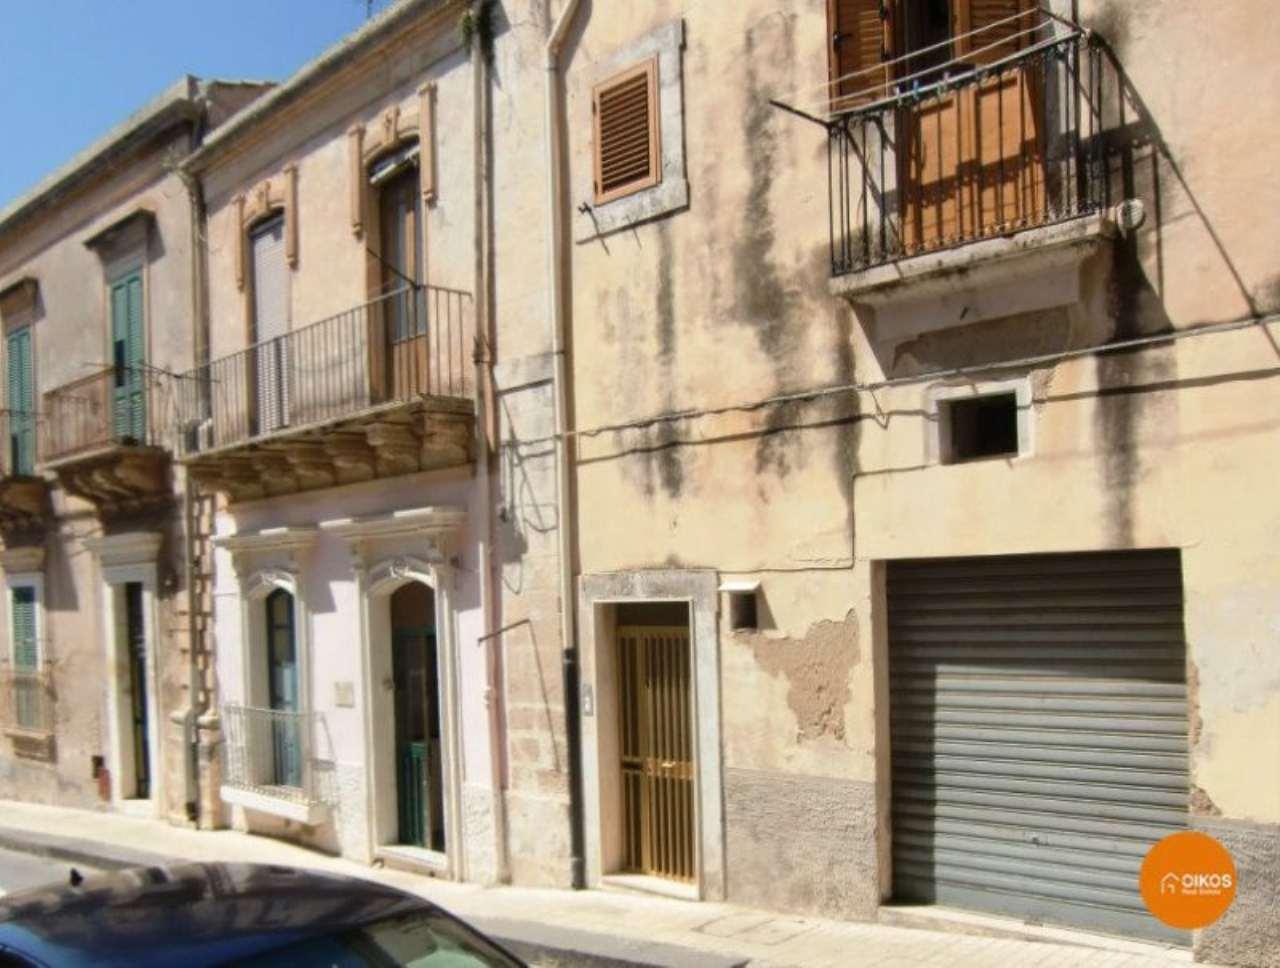 Soluzione Indipendente in vendita a Noto, 4 locali, prezzo € 85.000   Cambio Casa.it